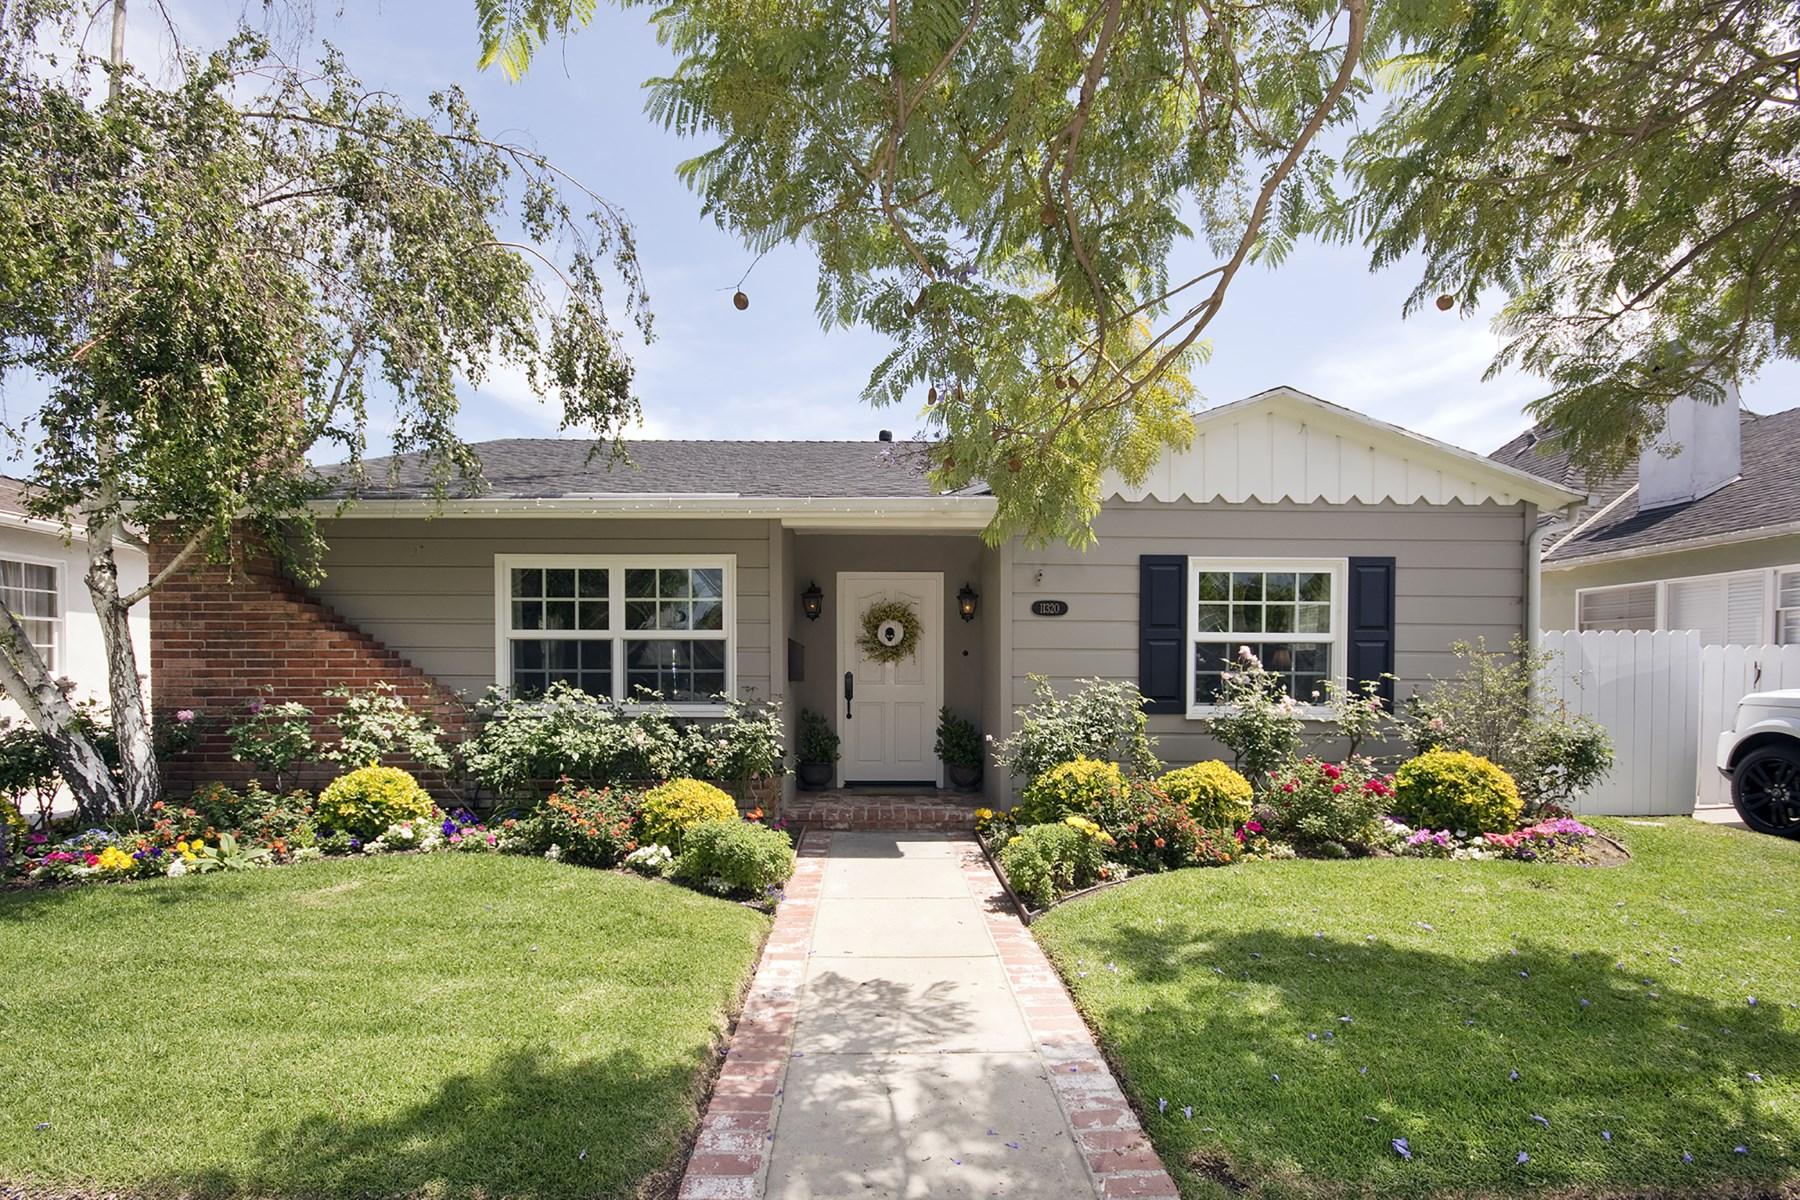 Villa per Vendita alle ore STUNNING GLADWIN HOUSE IN THE GLEN 11320 Gladwin Street Brentwood, Los Angeles, California, 90049 Stati Uniti